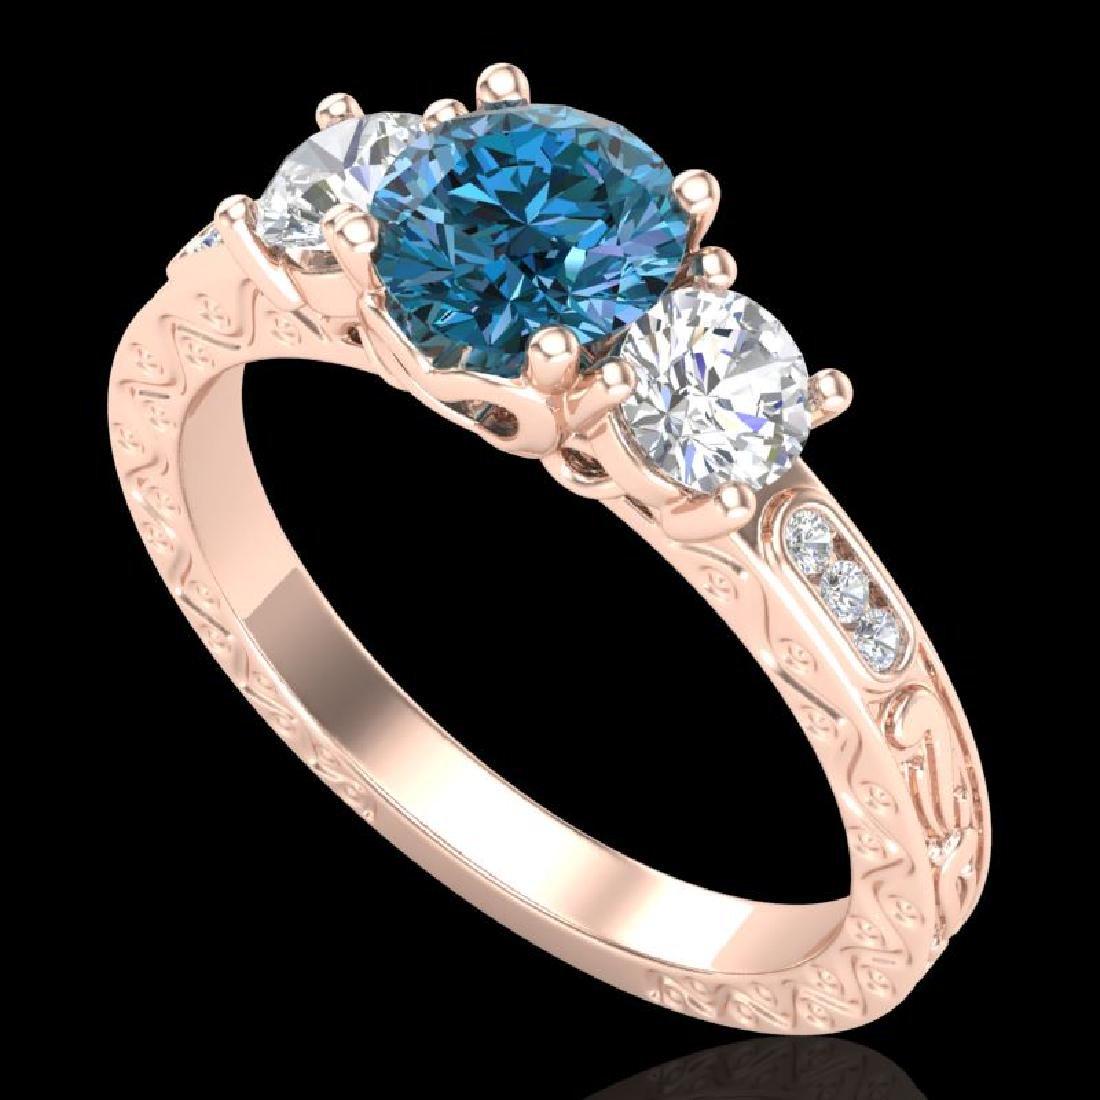 1.41 CTW Intense Blue Diamond Solitaire Art Deco 3